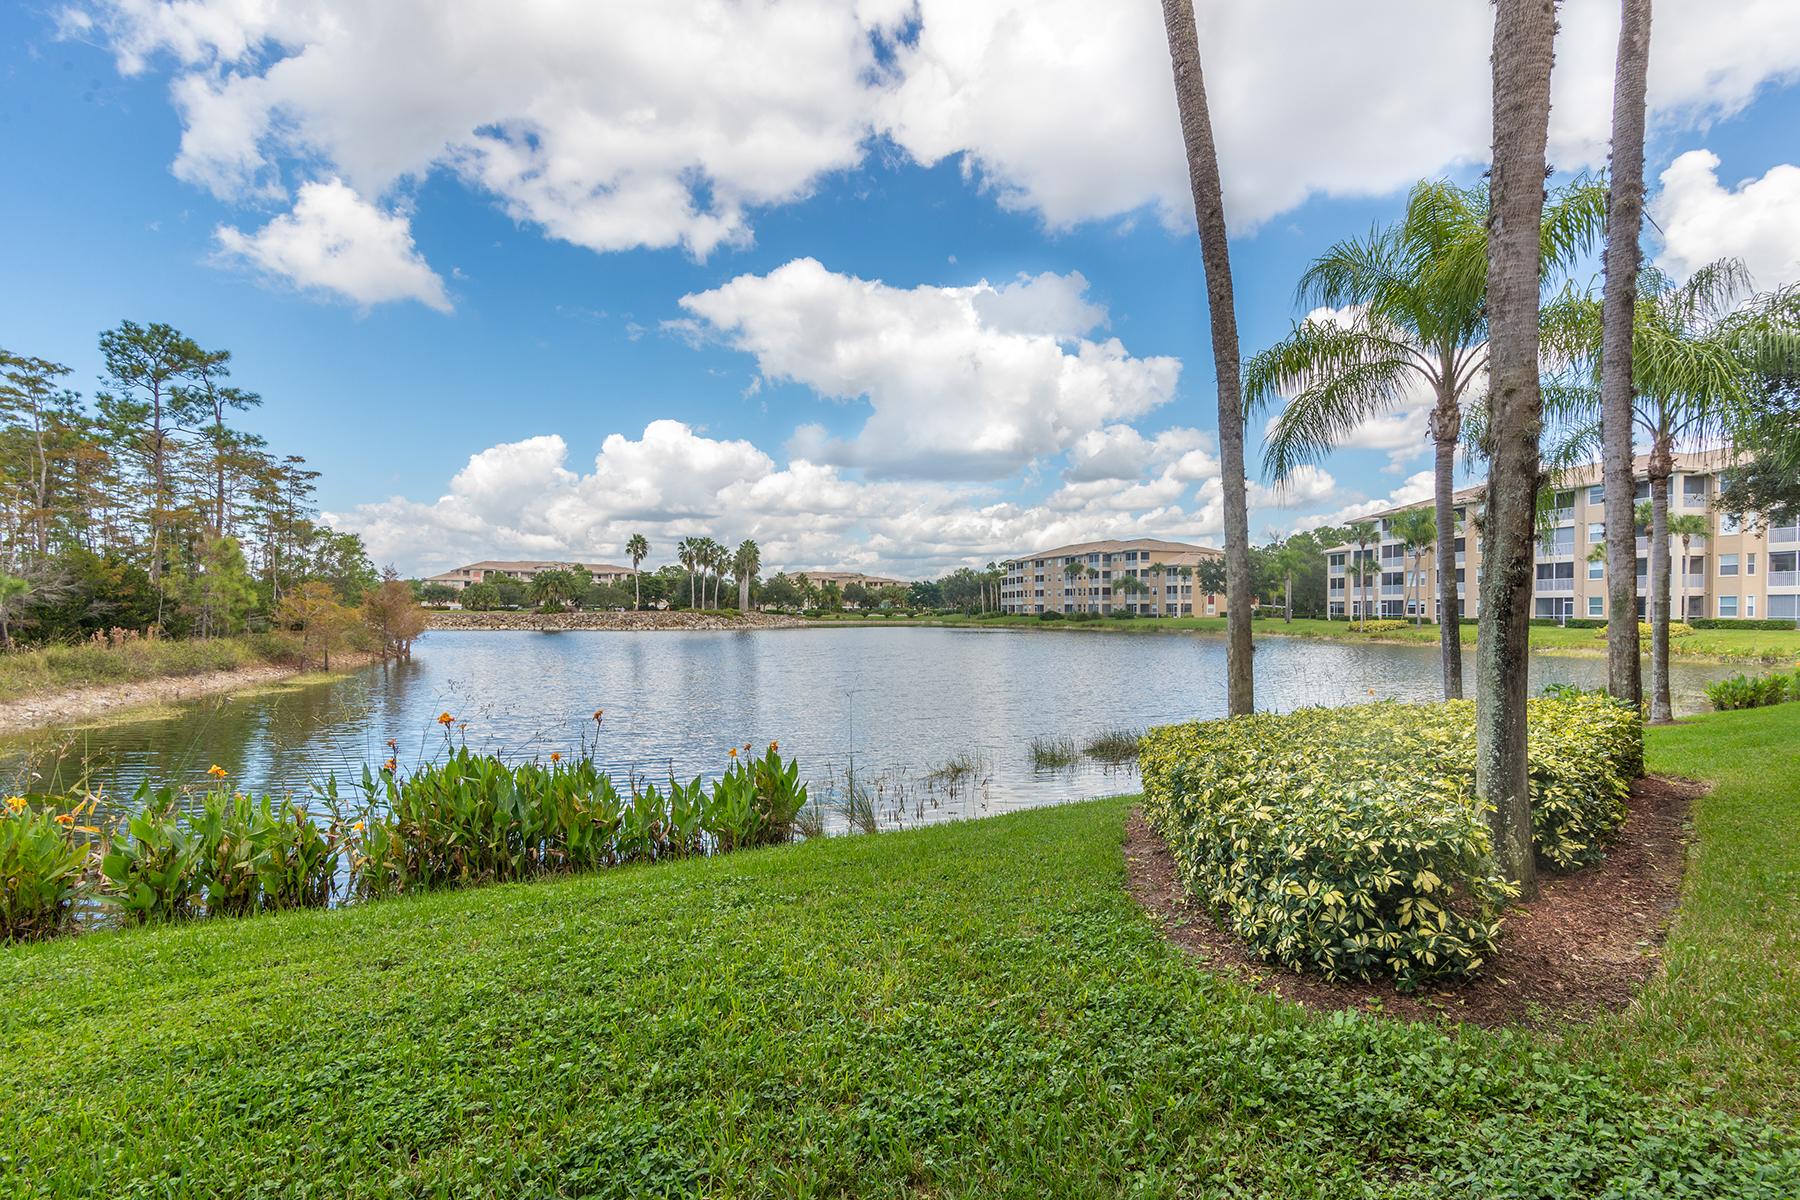 Kat Mülkiyeti için Satış at NAPLES HERITAGE - TERRACE AT STONEYBROOK 7525 Stoneybrook Dr 912 Naples, Florida, 34112 Amerika Birleşik Devletleri